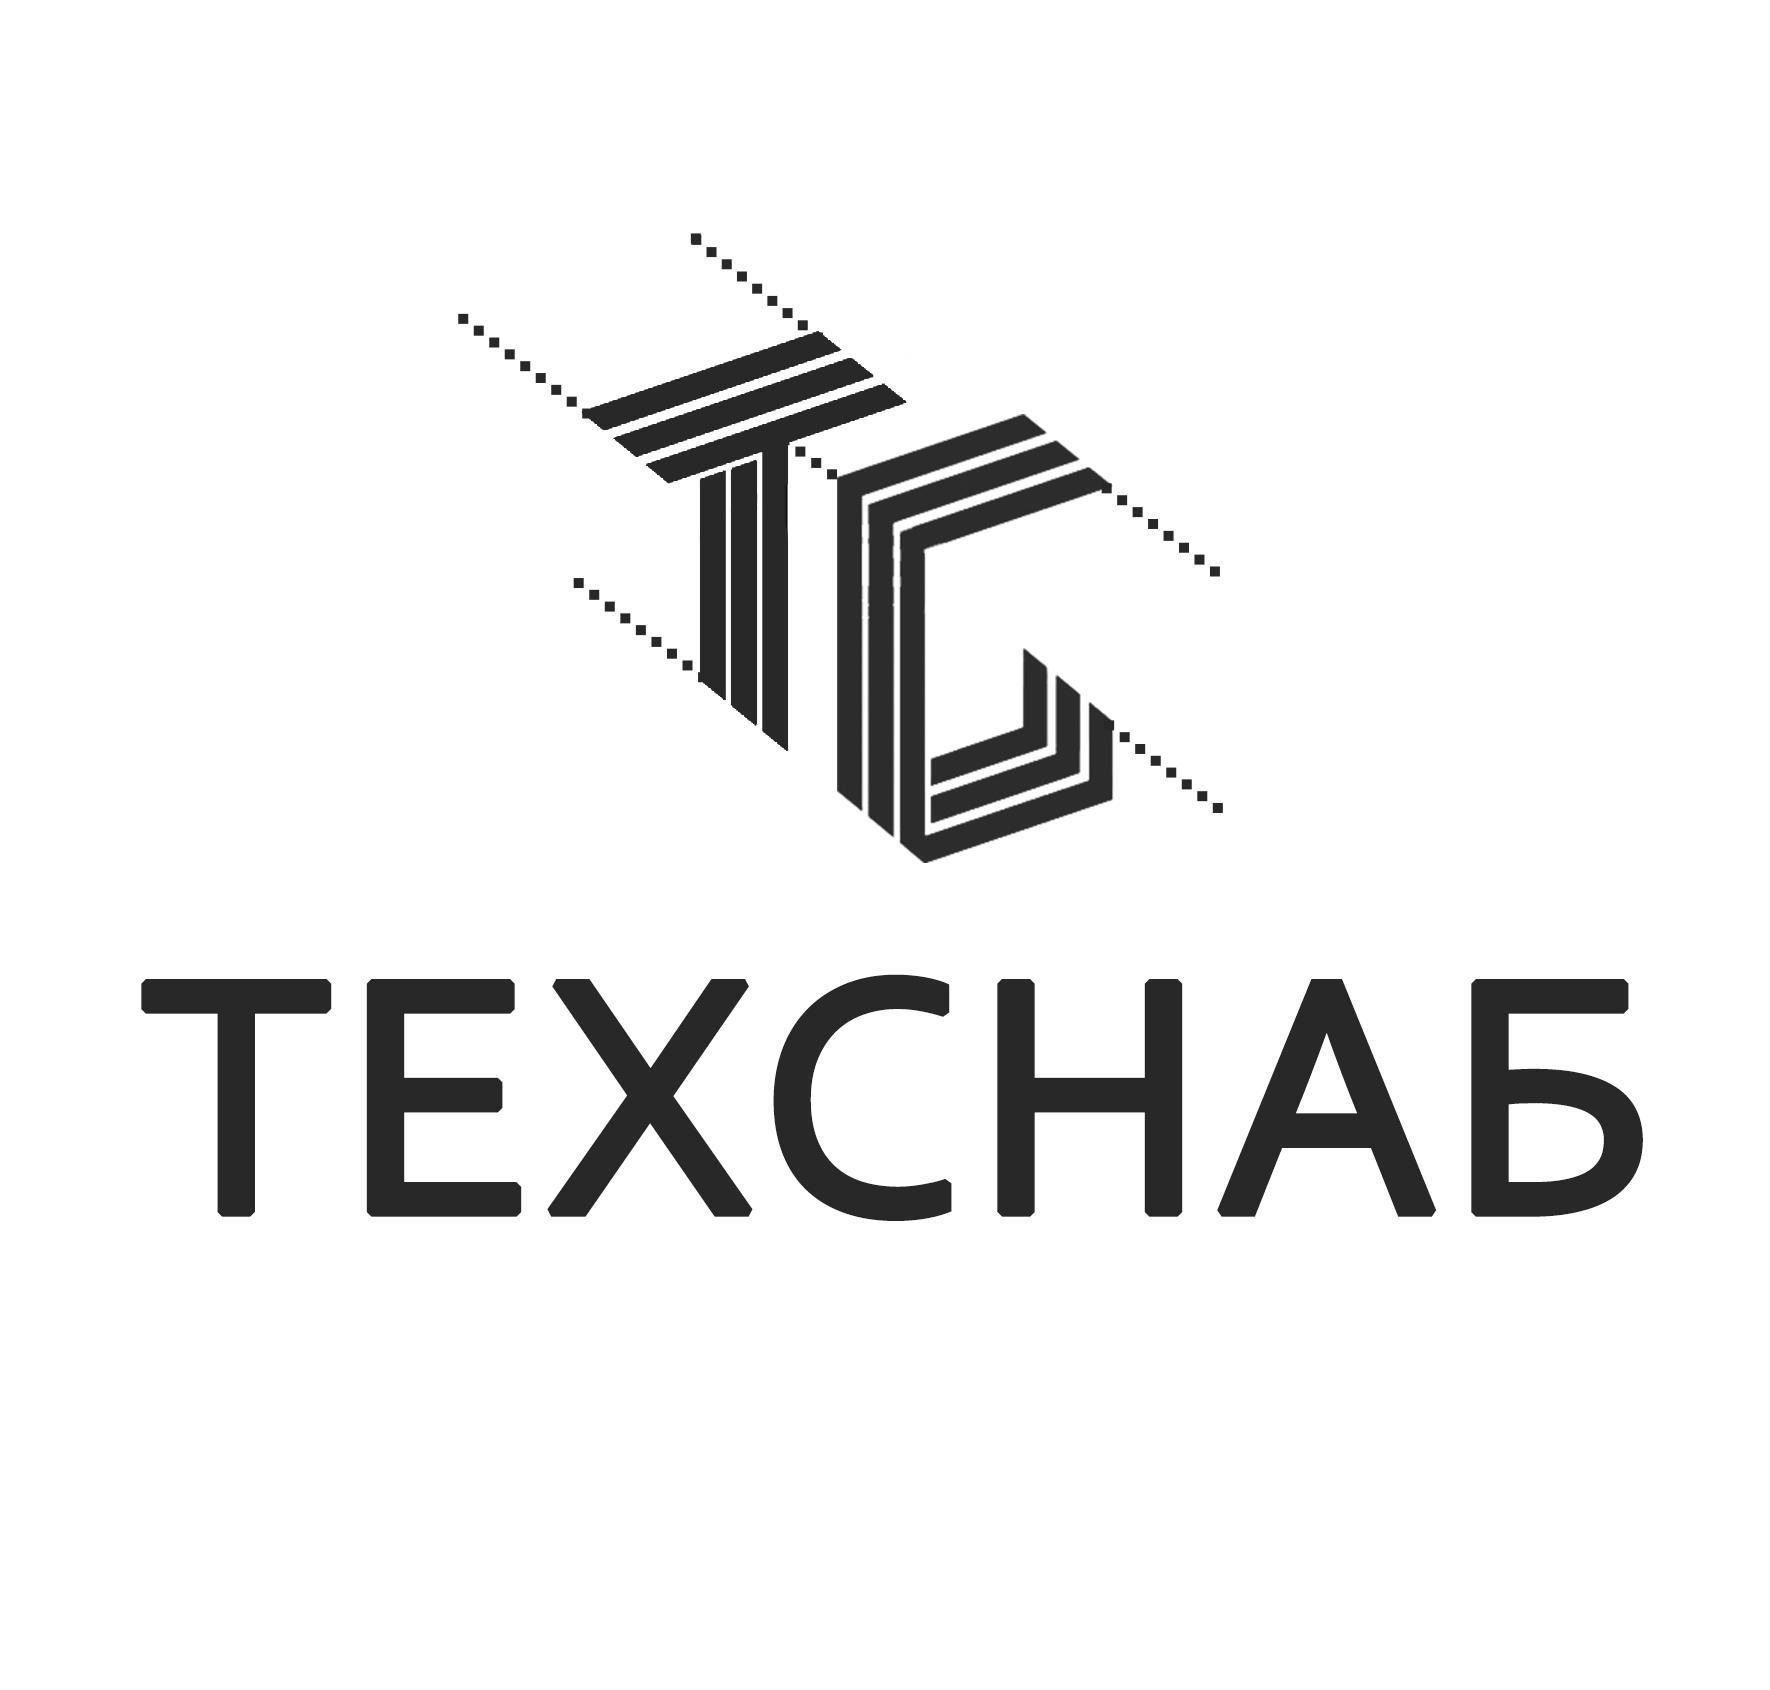 Разработка логотипа и фирм. стиля компании  ТЕХСНАБ фото f_6715b1e79e646fe7.jpg